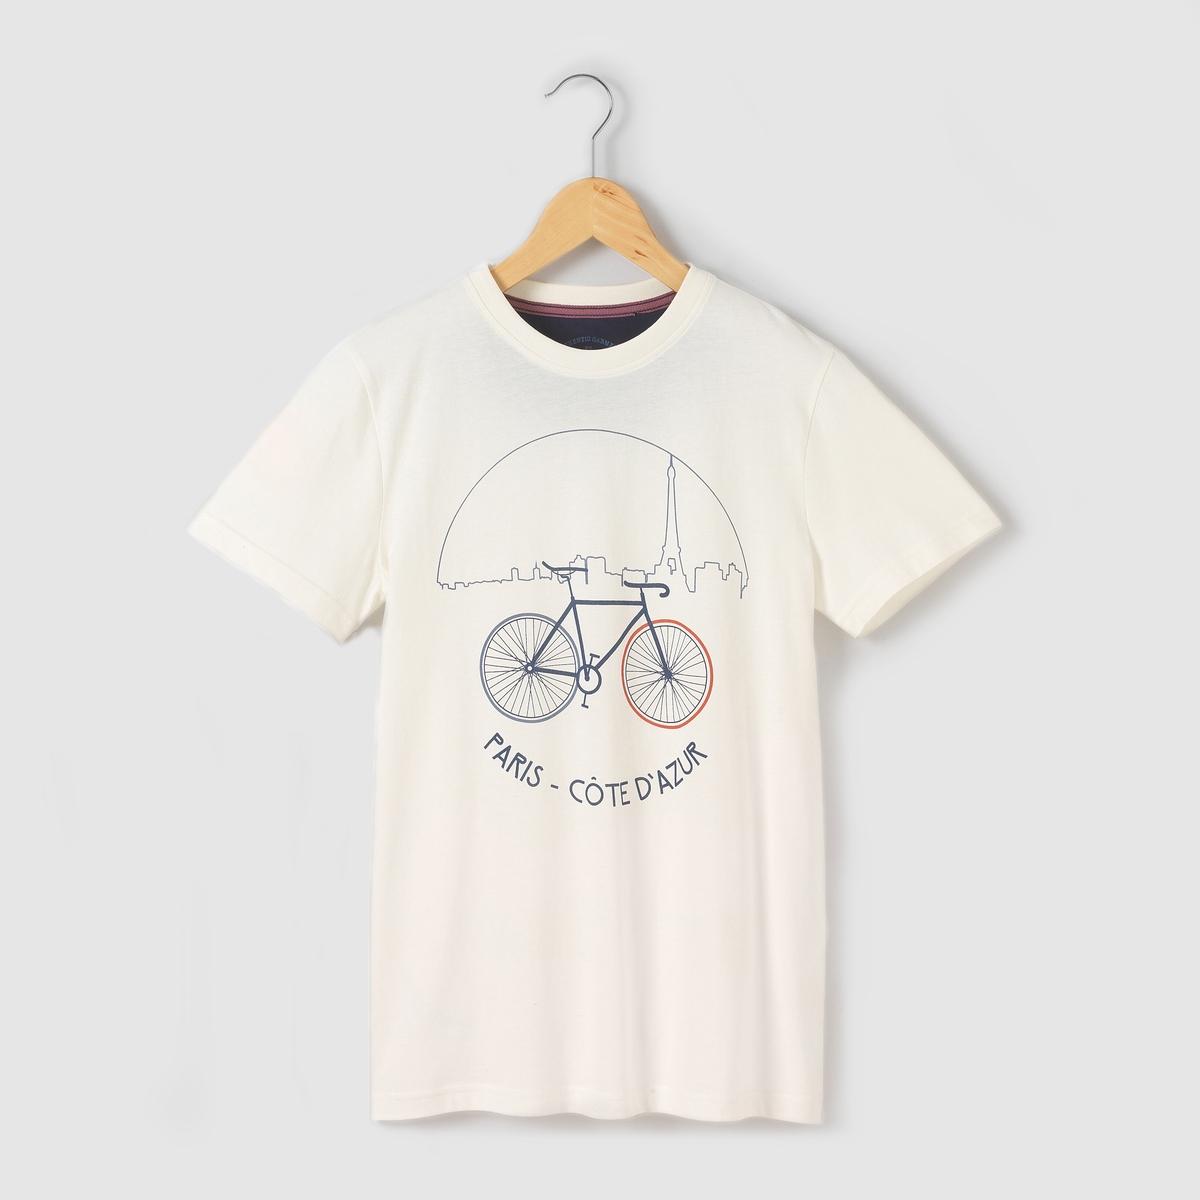 Футболка Vélo Paris-Côtes d'Azur на 10-16 лет